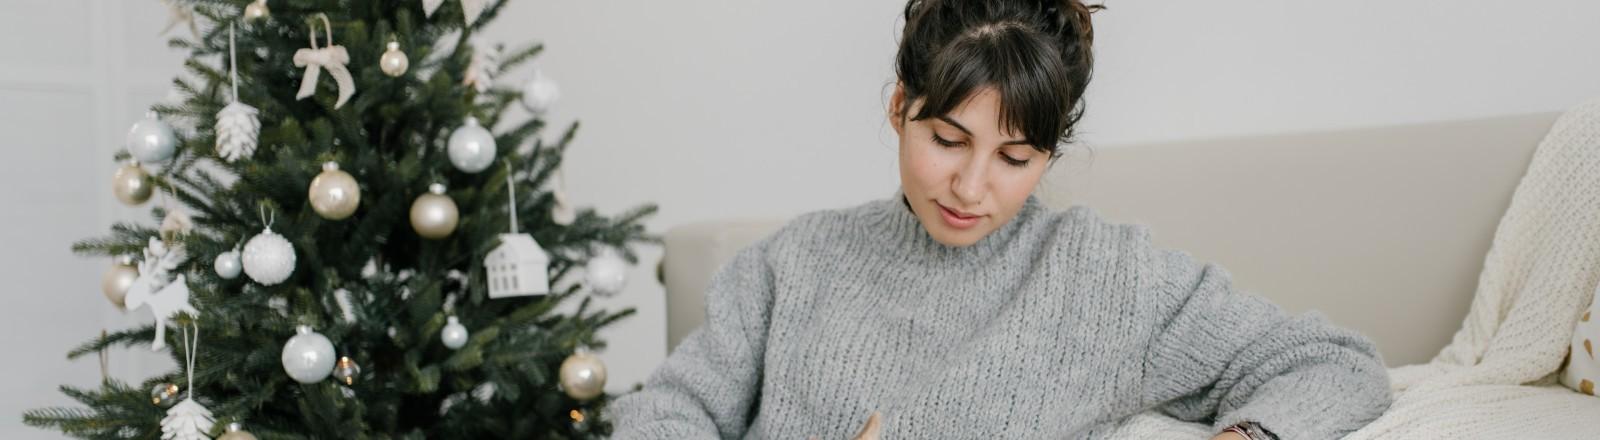 Eine Frau sitzt vor einem Weihnachtsbaum und streichelt ihren Hund